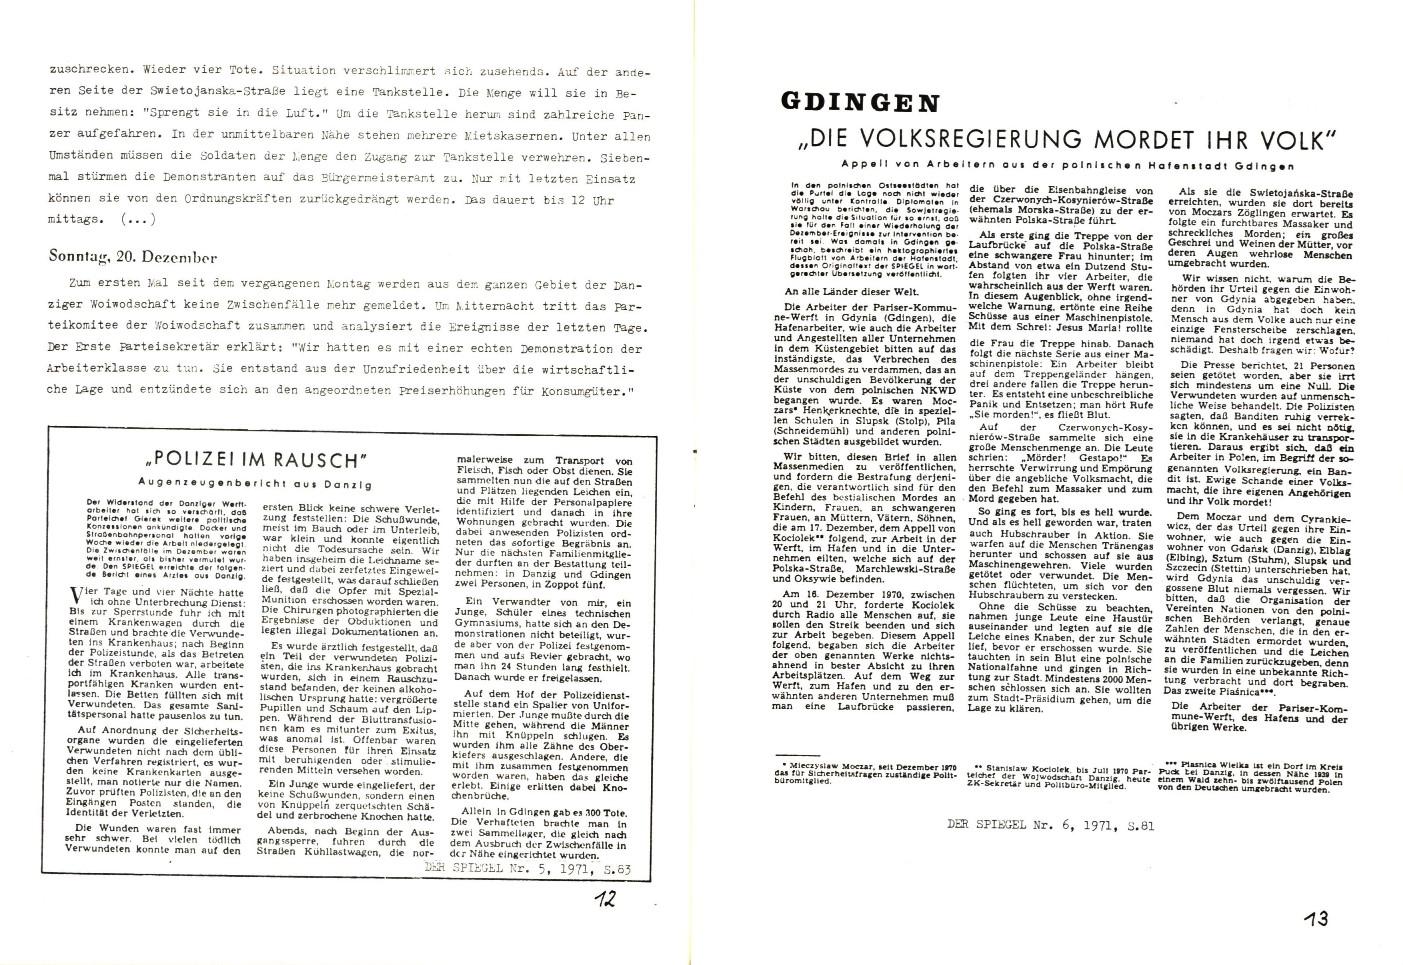 Berlin_KSV_1976_Arbeiteraufstand_in_Polen_08